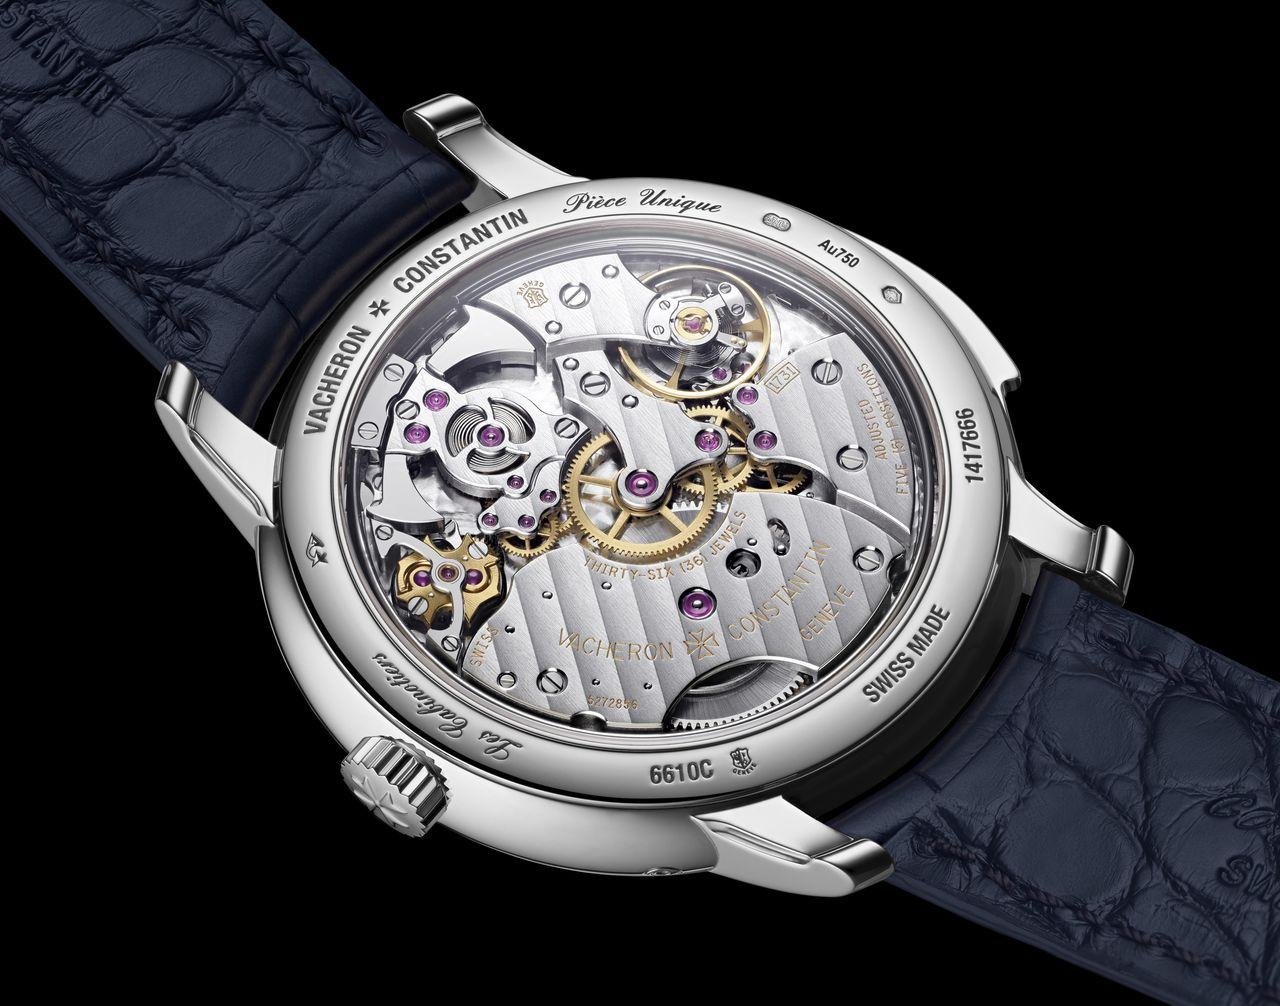 Vacheron Constantin Les Cabinotiers Minute Repeater Perpetual Calendar - genfi pecsét már nem pusztán a szerkezetre, hanem az óra egészére vonatkozik